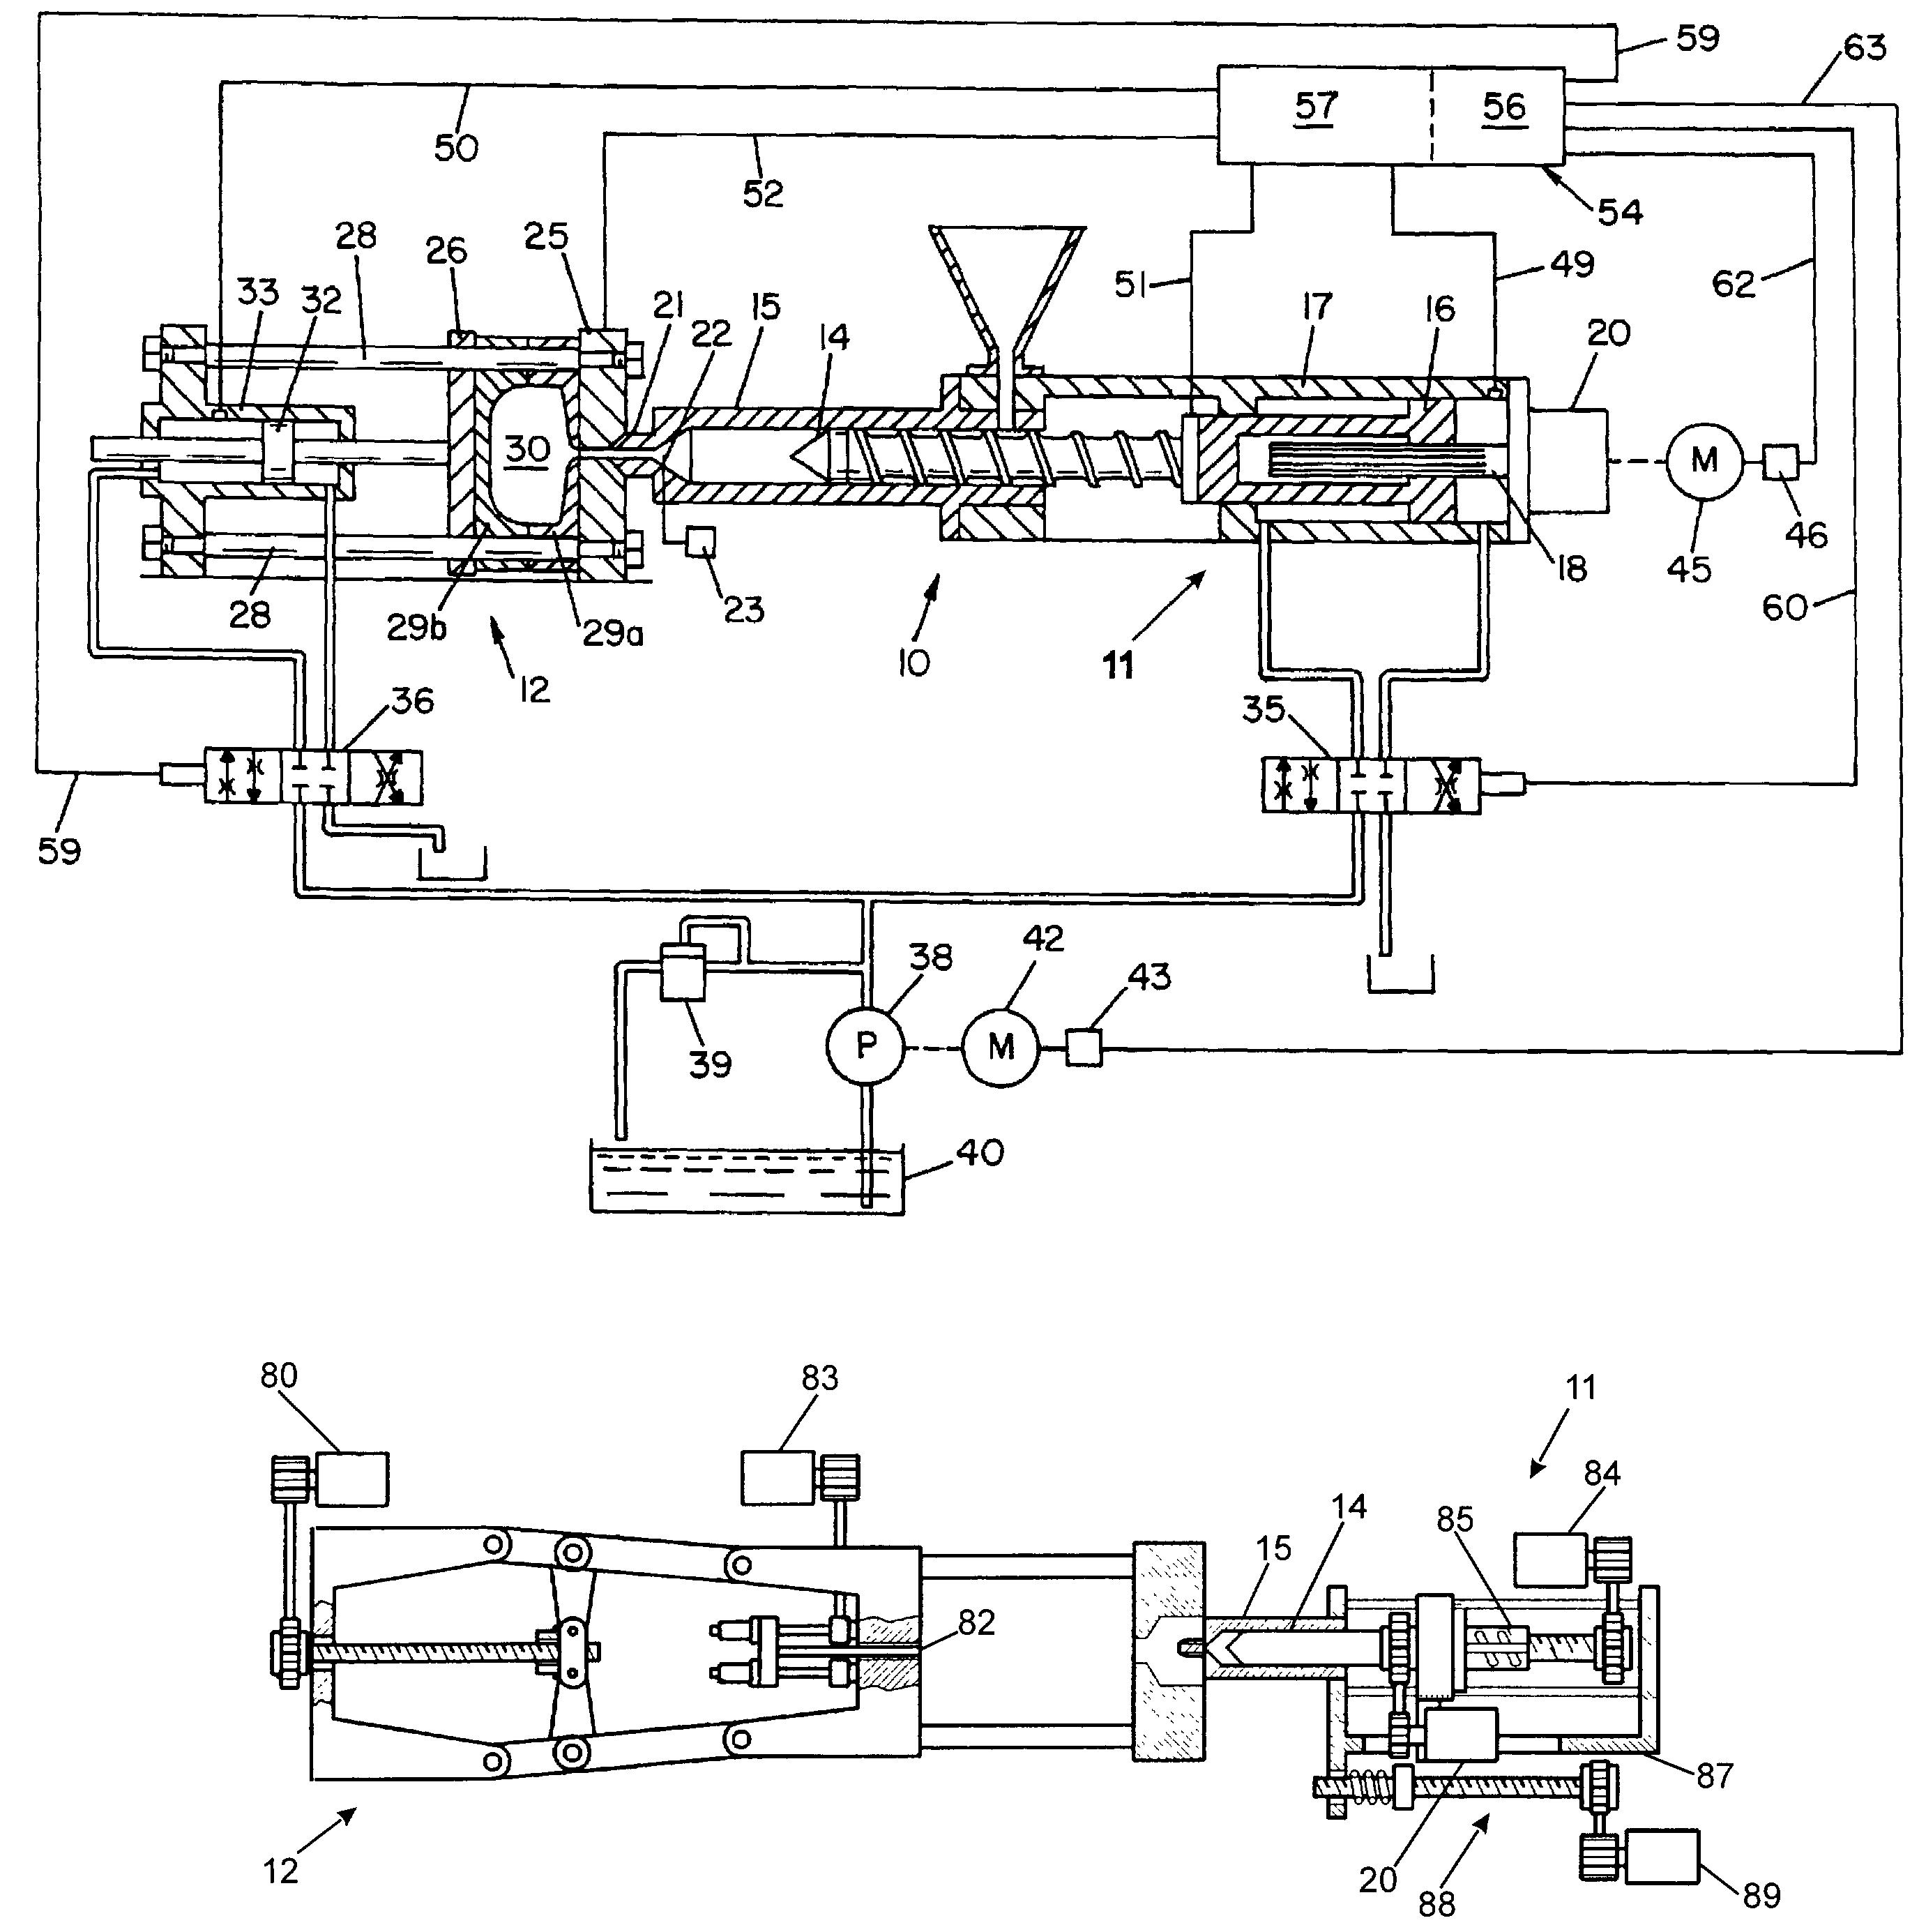 patent us7031800